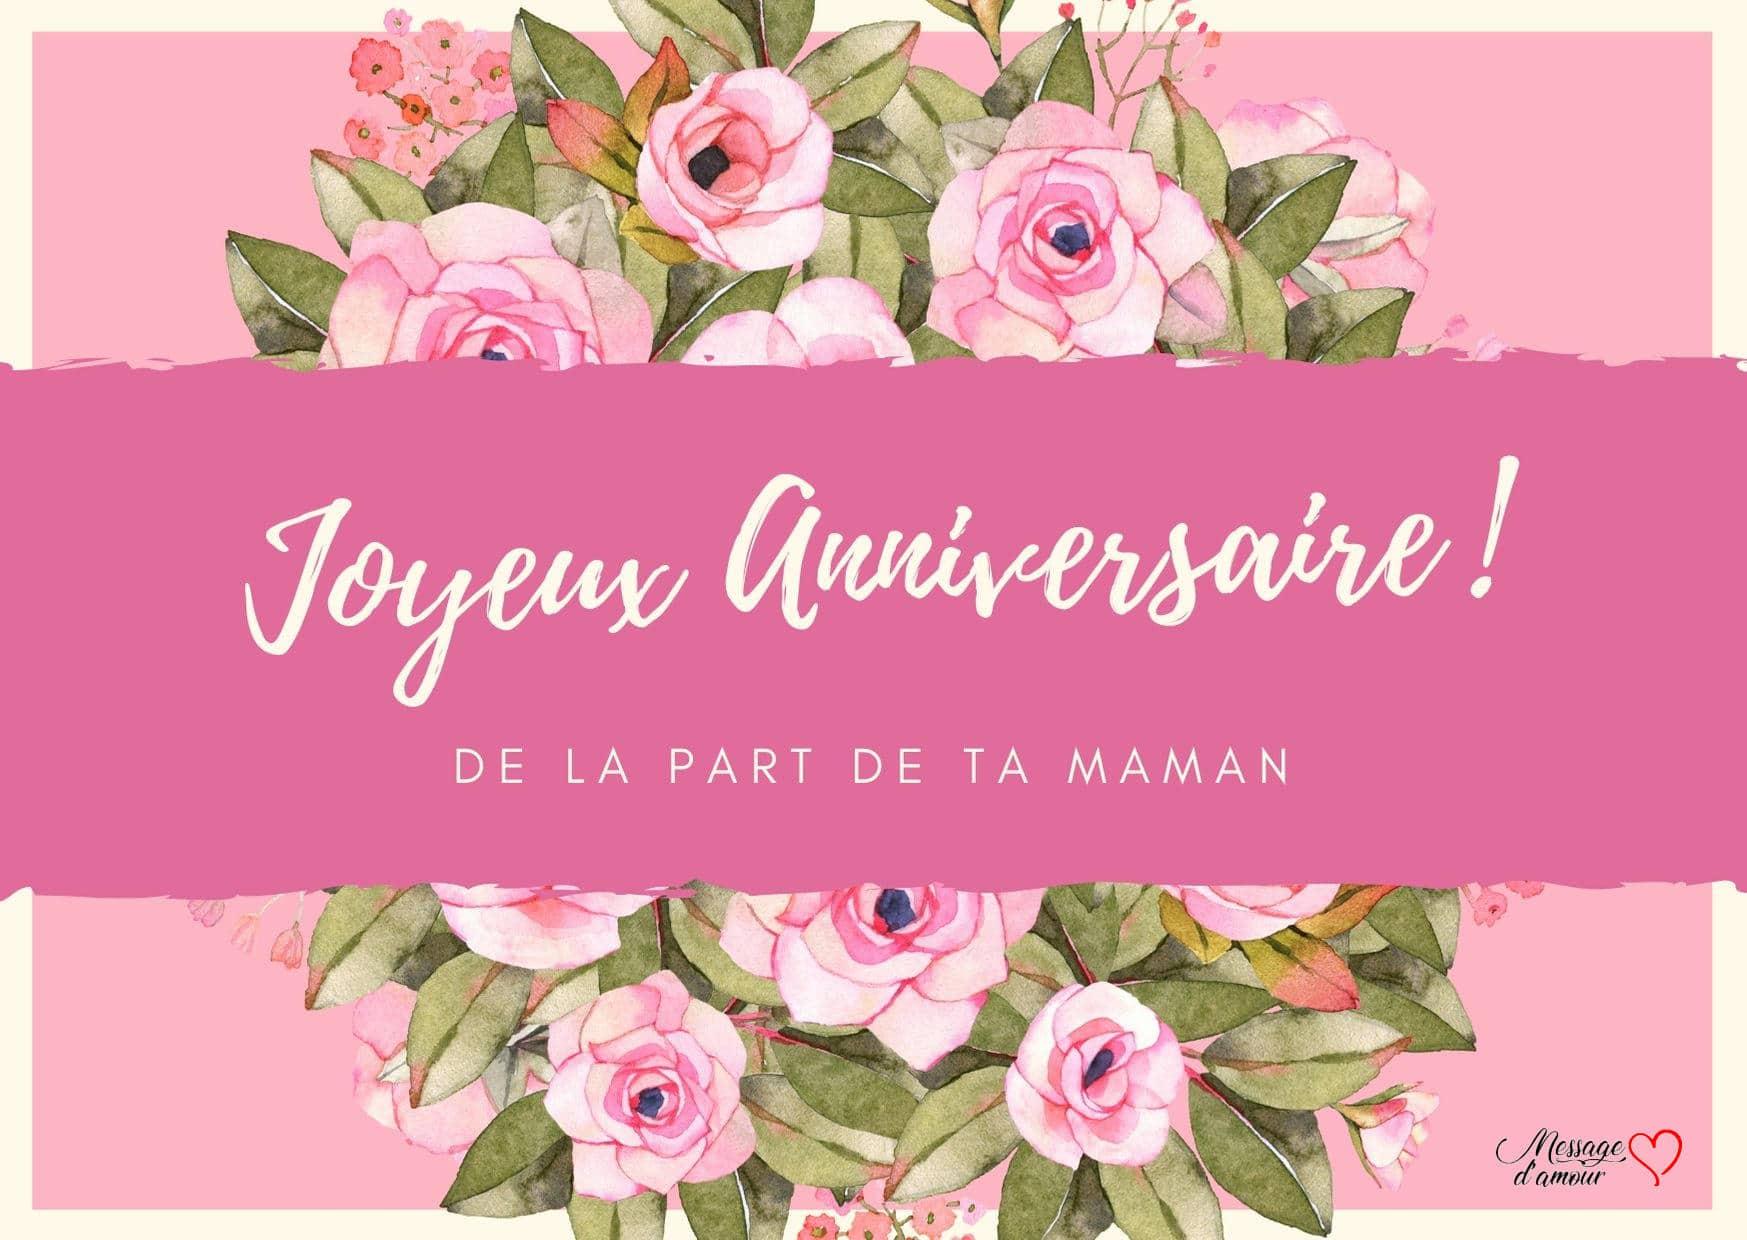 Textes Pour Souhaiter Joyeux Anniversaire A Sa Fille Message D Amour